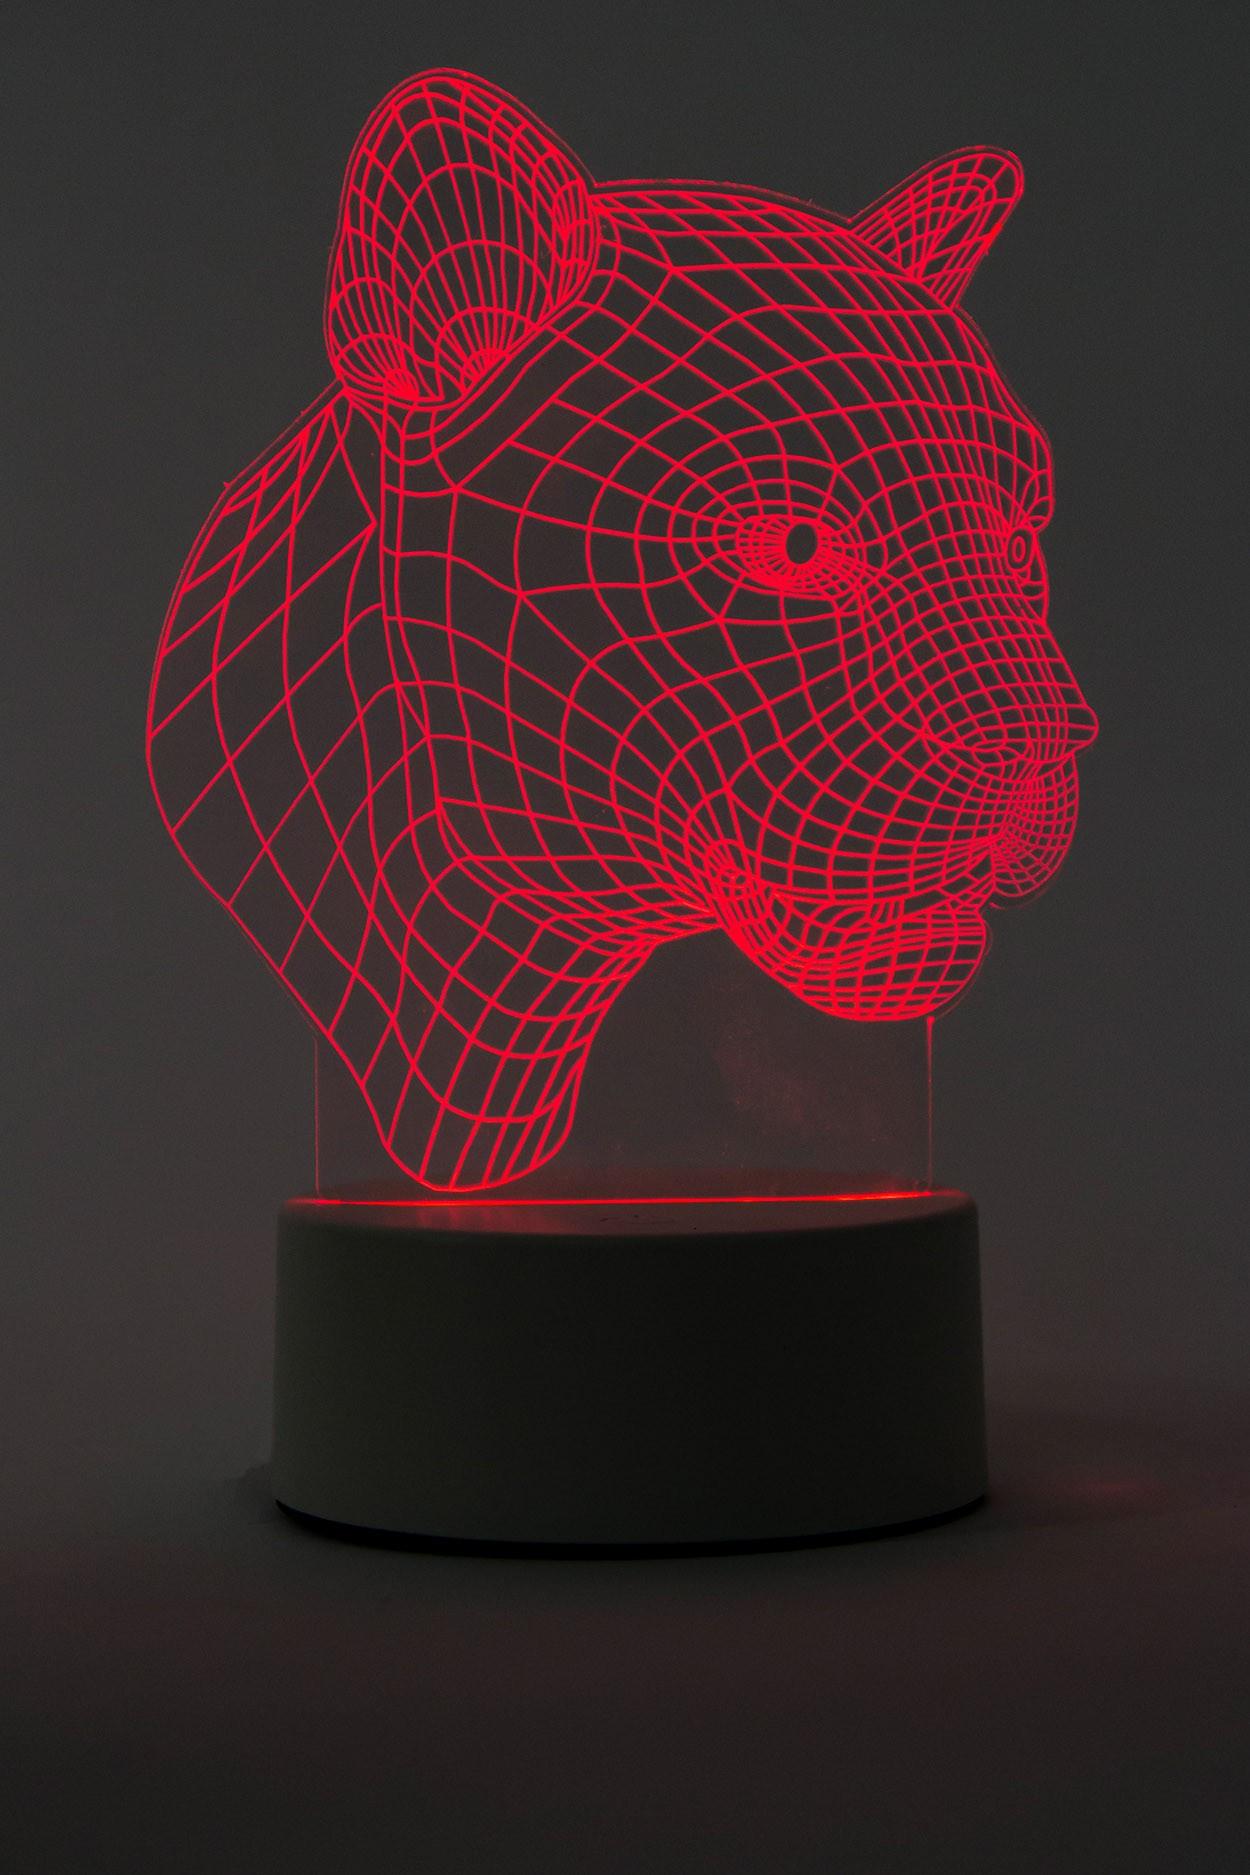 3D Led лампа Пантера 3 цвета в Москве